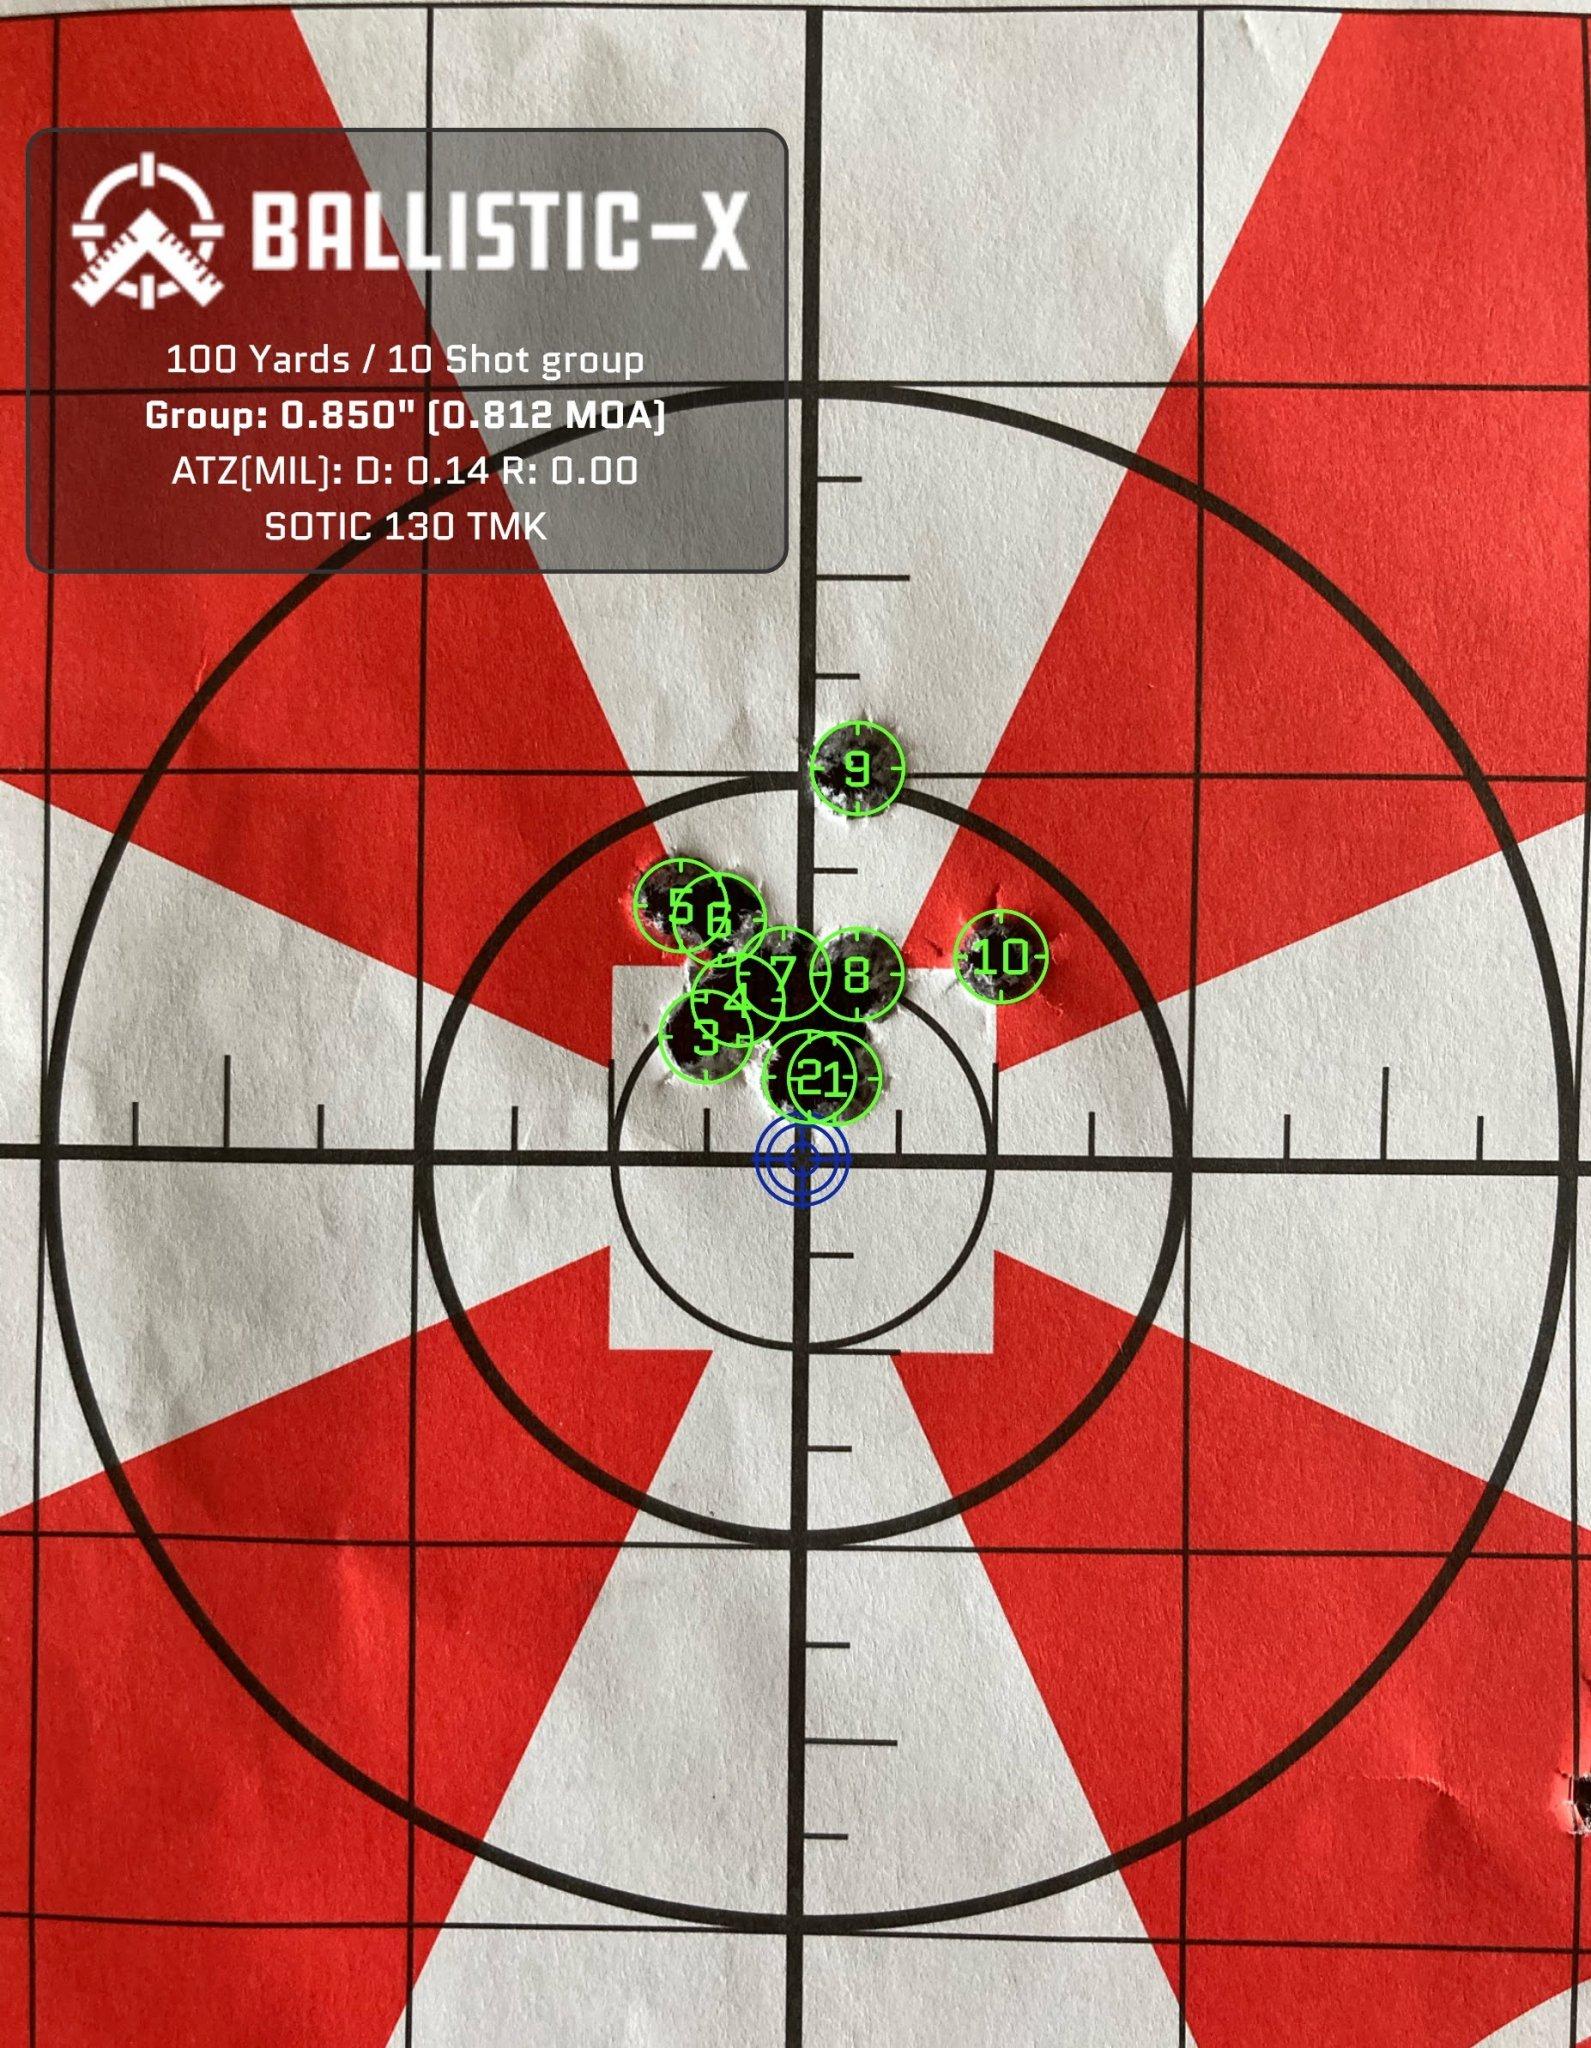 Ballistic-X-Export-2021-04-17 13 20 26.133918(1).jpg